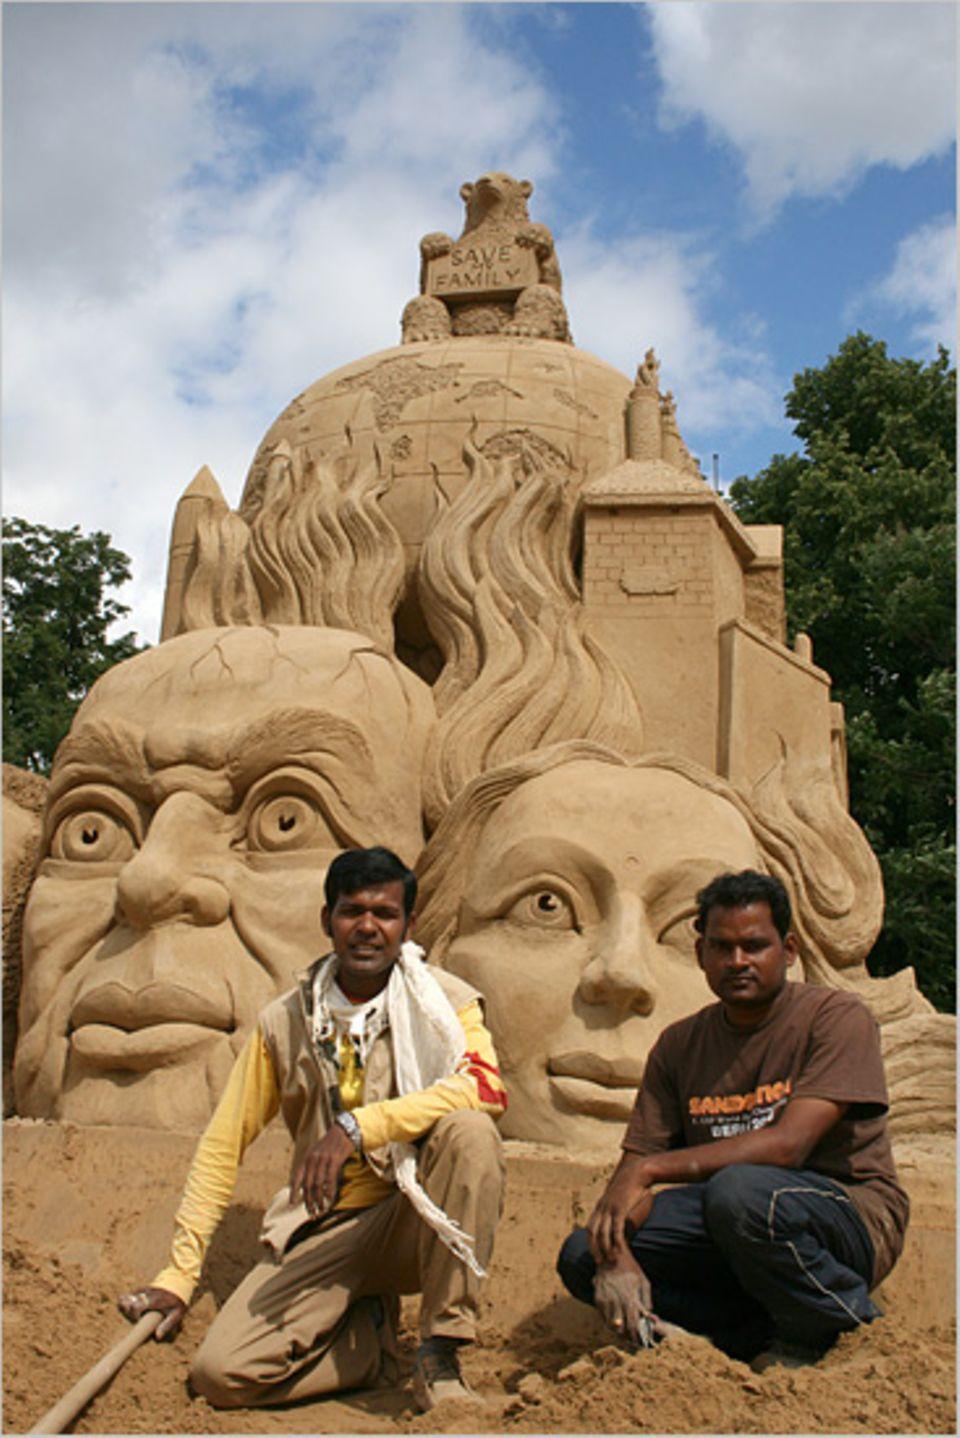 """Mit der Skulptur """"Global Warming"""" ist das indische Team in Berlin Weltmeister in der Doppeldisziplin des United Sand Festivals geworden"""